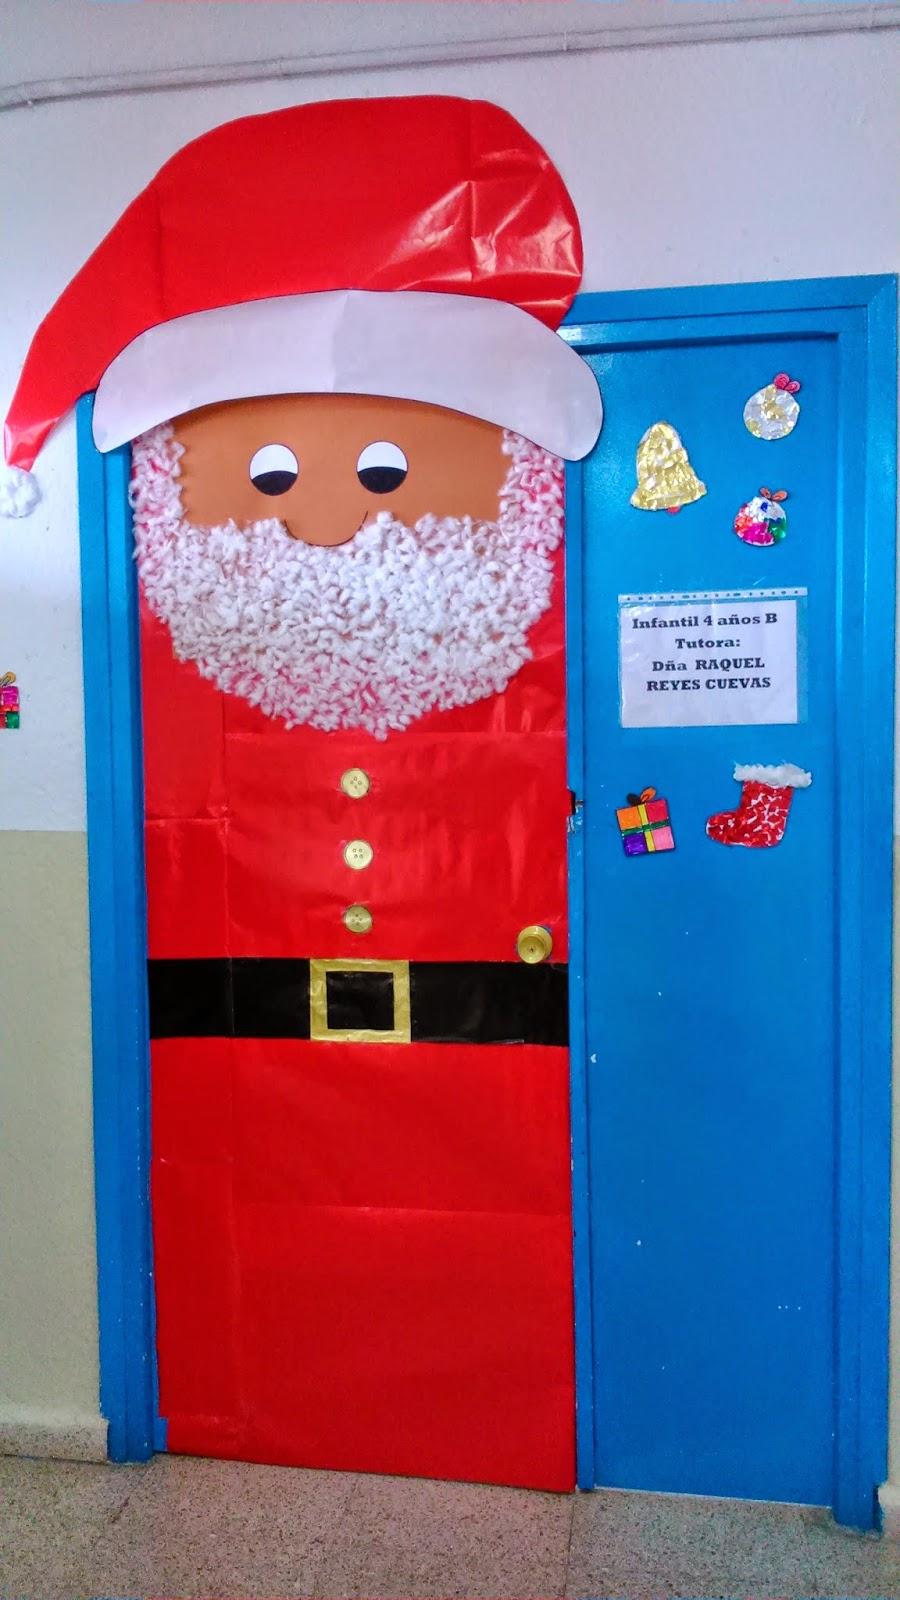 engranajes decoraci n de navidad de las puertas en infantil On decoracion puertas infantil